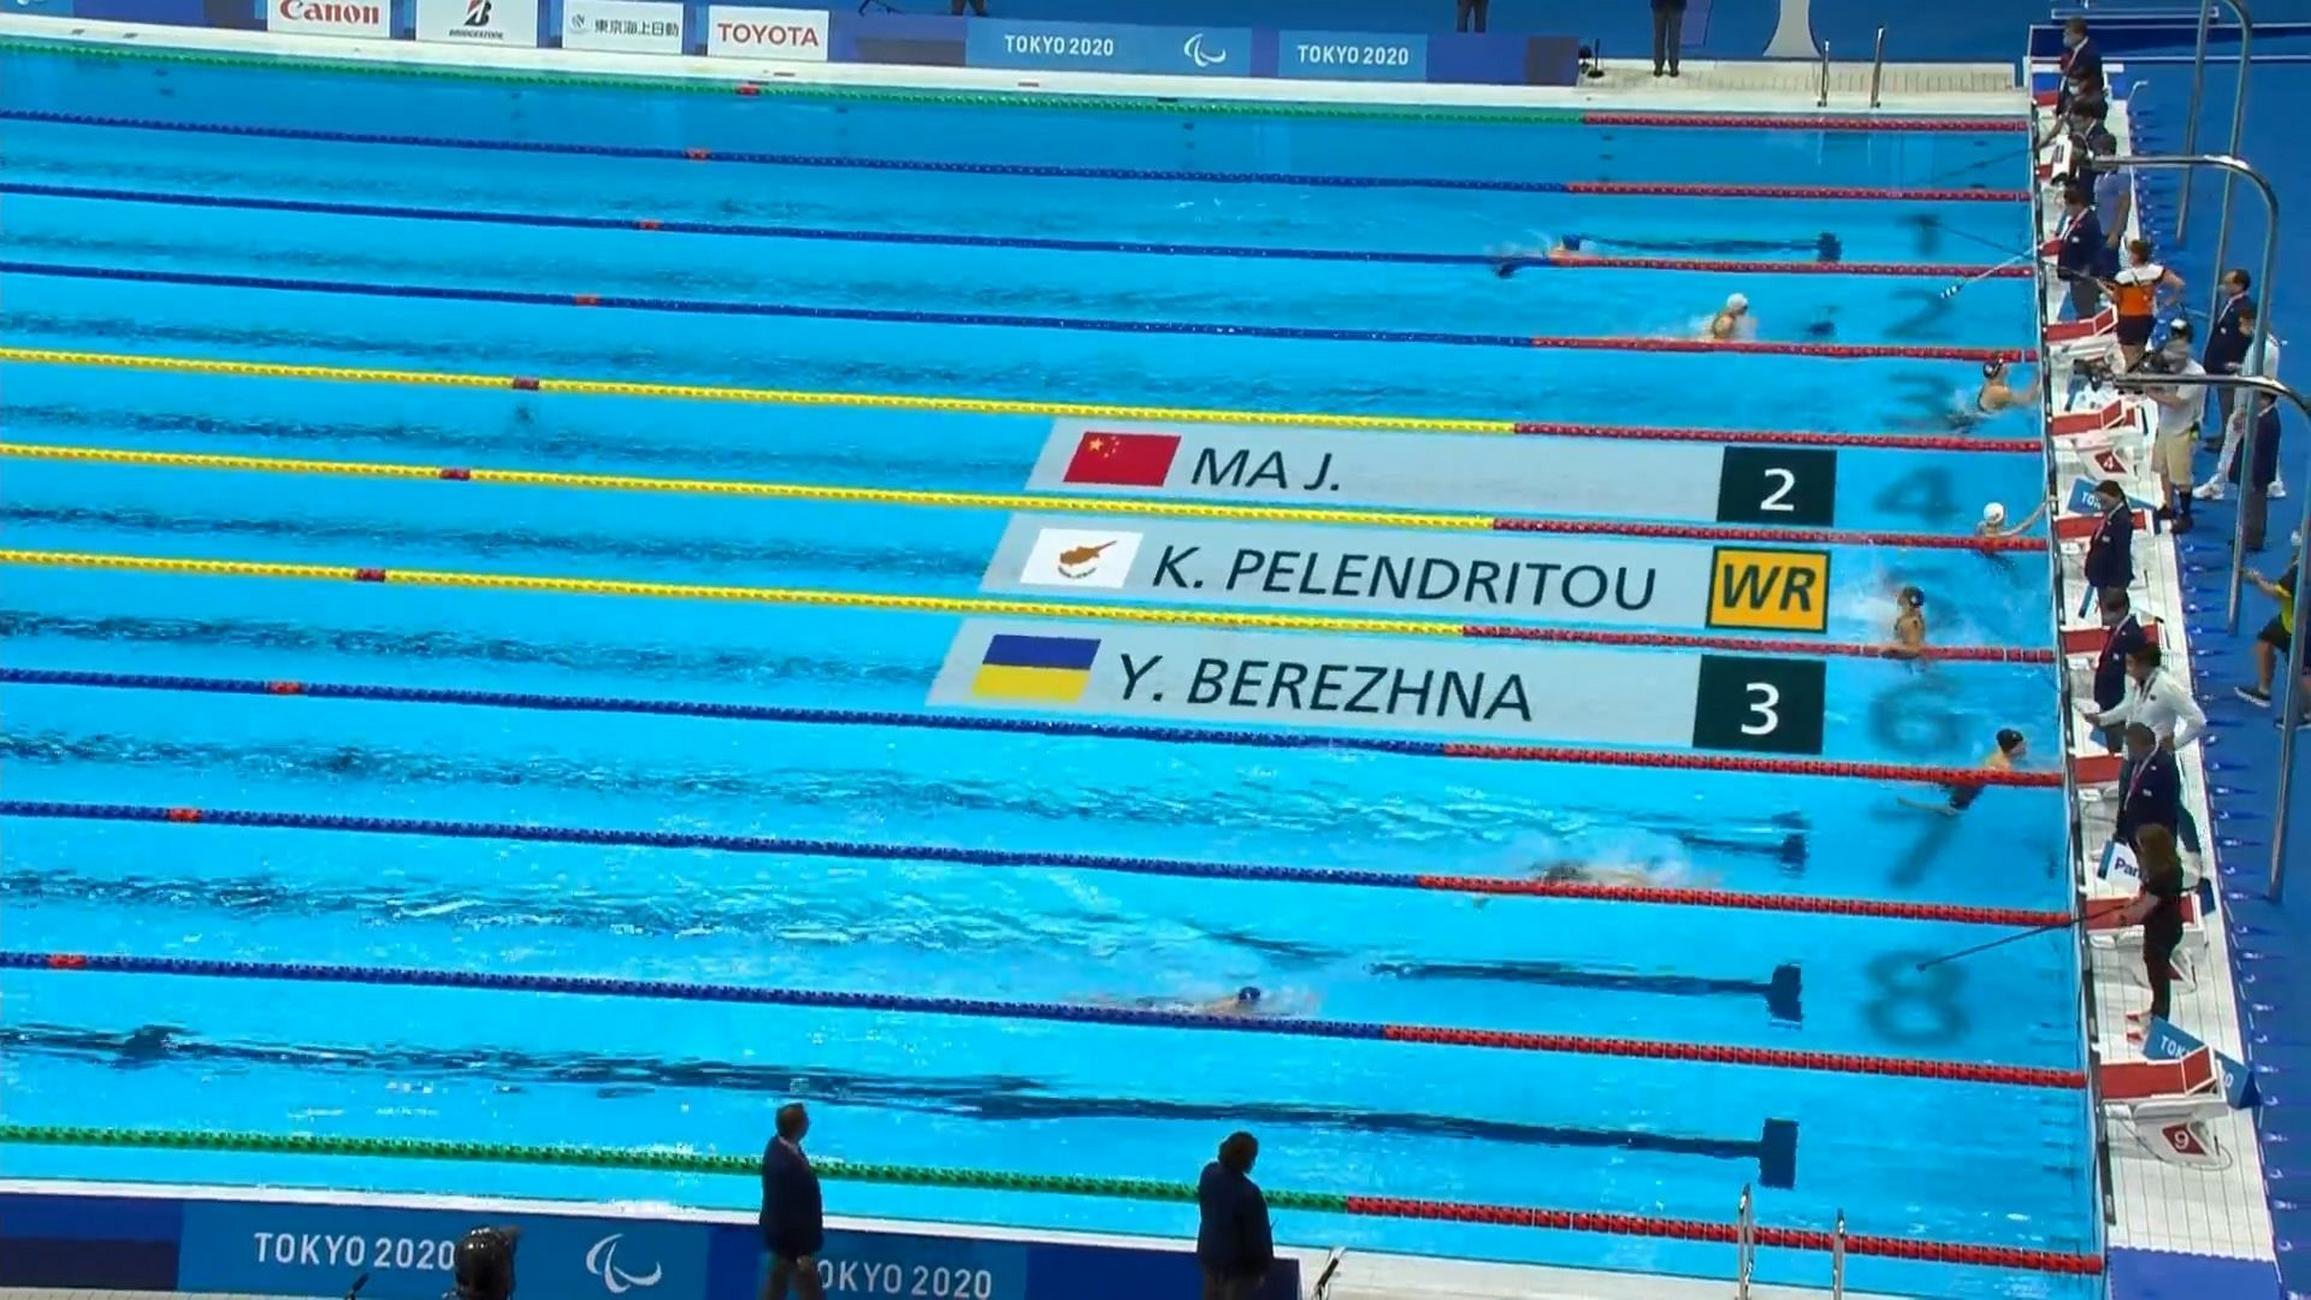 Χρυσό μετάλλιο με παγκόσμιο ρεκόρ από την Πελενδρίτου στους Παραολυμπιακούς Αγώνες